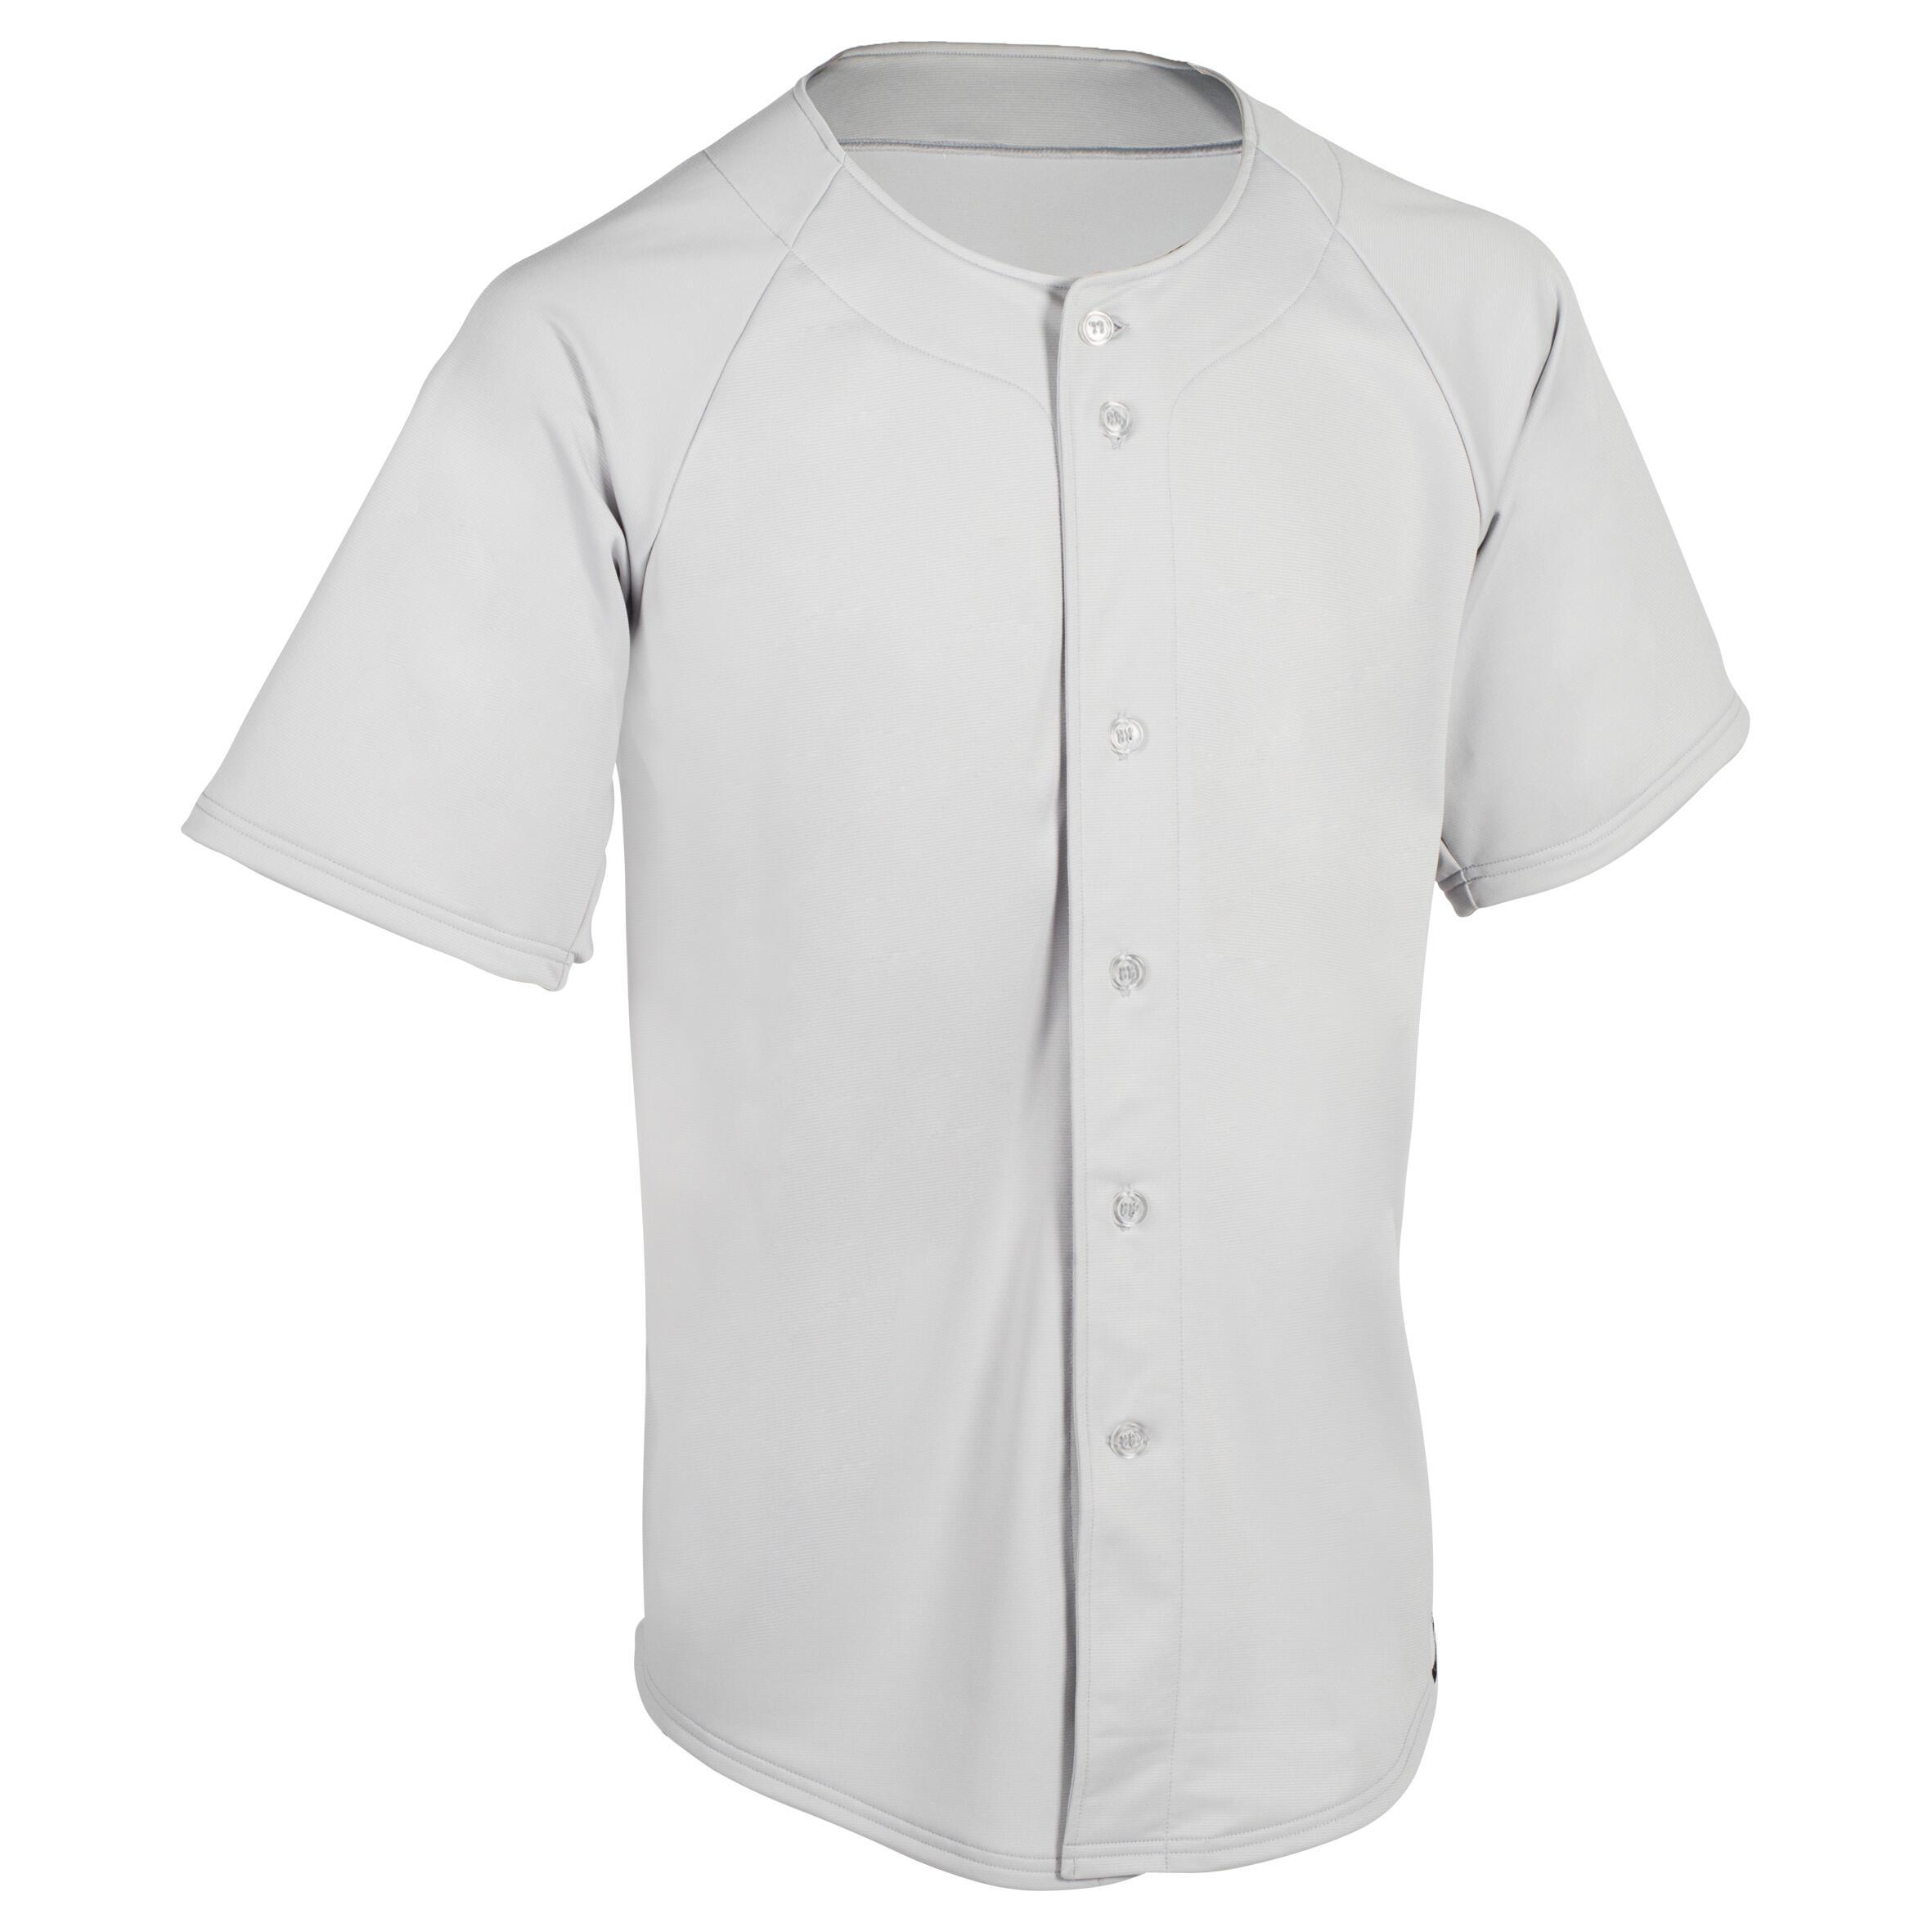 Baseballtrikot BA 550 Erwachsene | Sportbekleidung > Trikots > Baseballtrikots | Kipsta